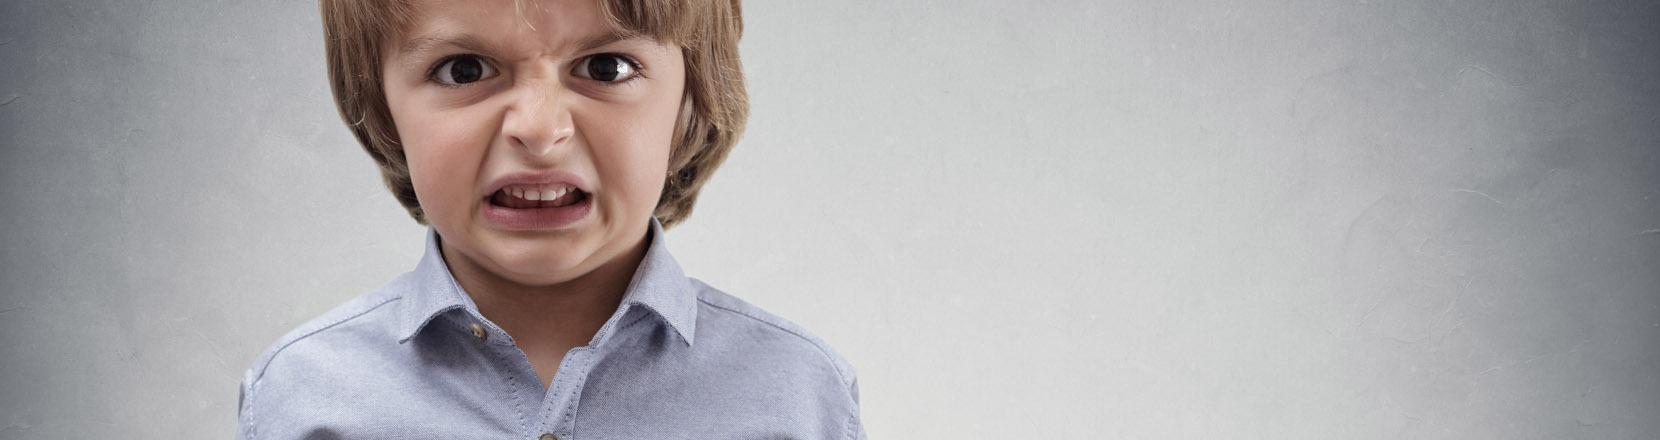 gestire capricci dei bambini: Bambino arrabbiato